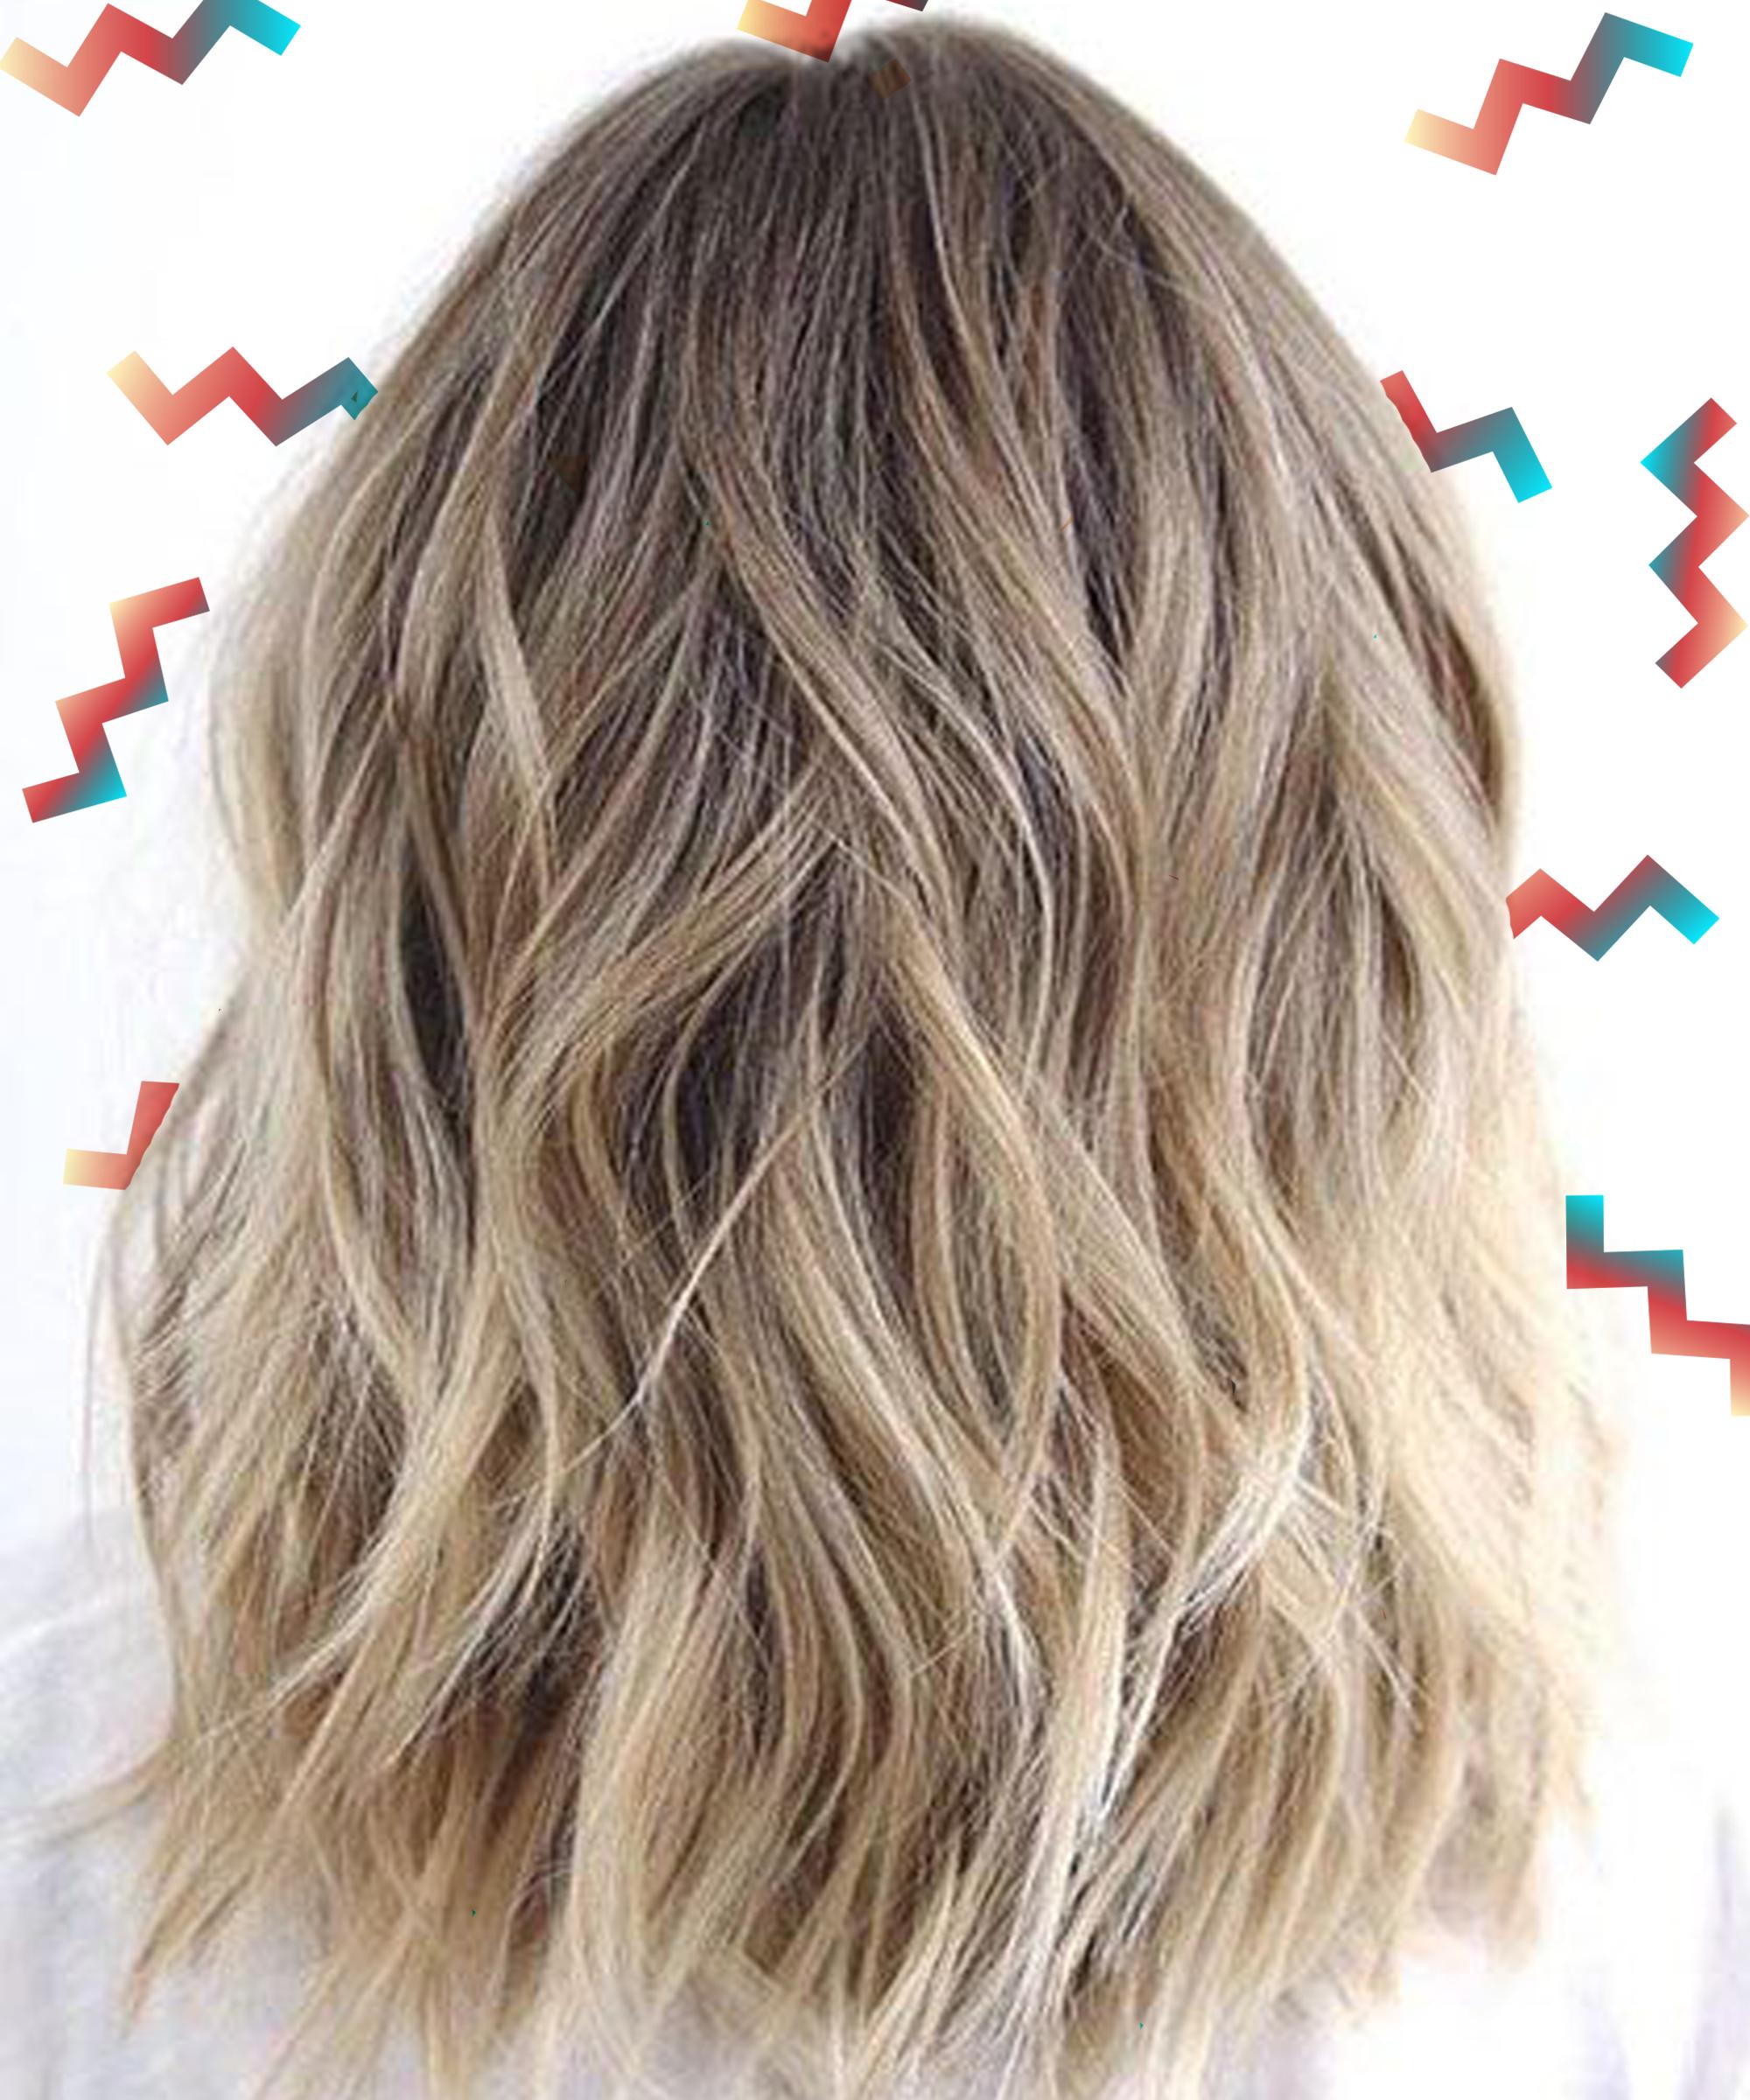 Alternative hair coloring methods 71